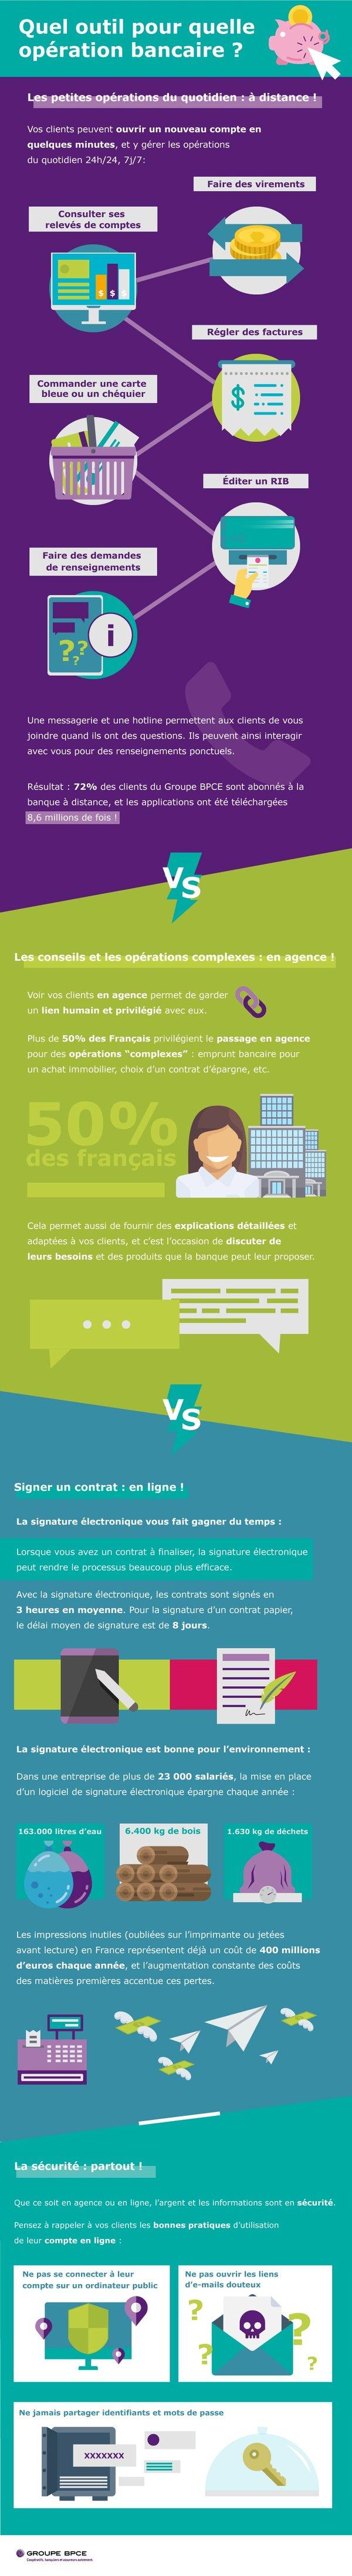 Infographie Quel Outil Pour Quelle Operation Bancaire